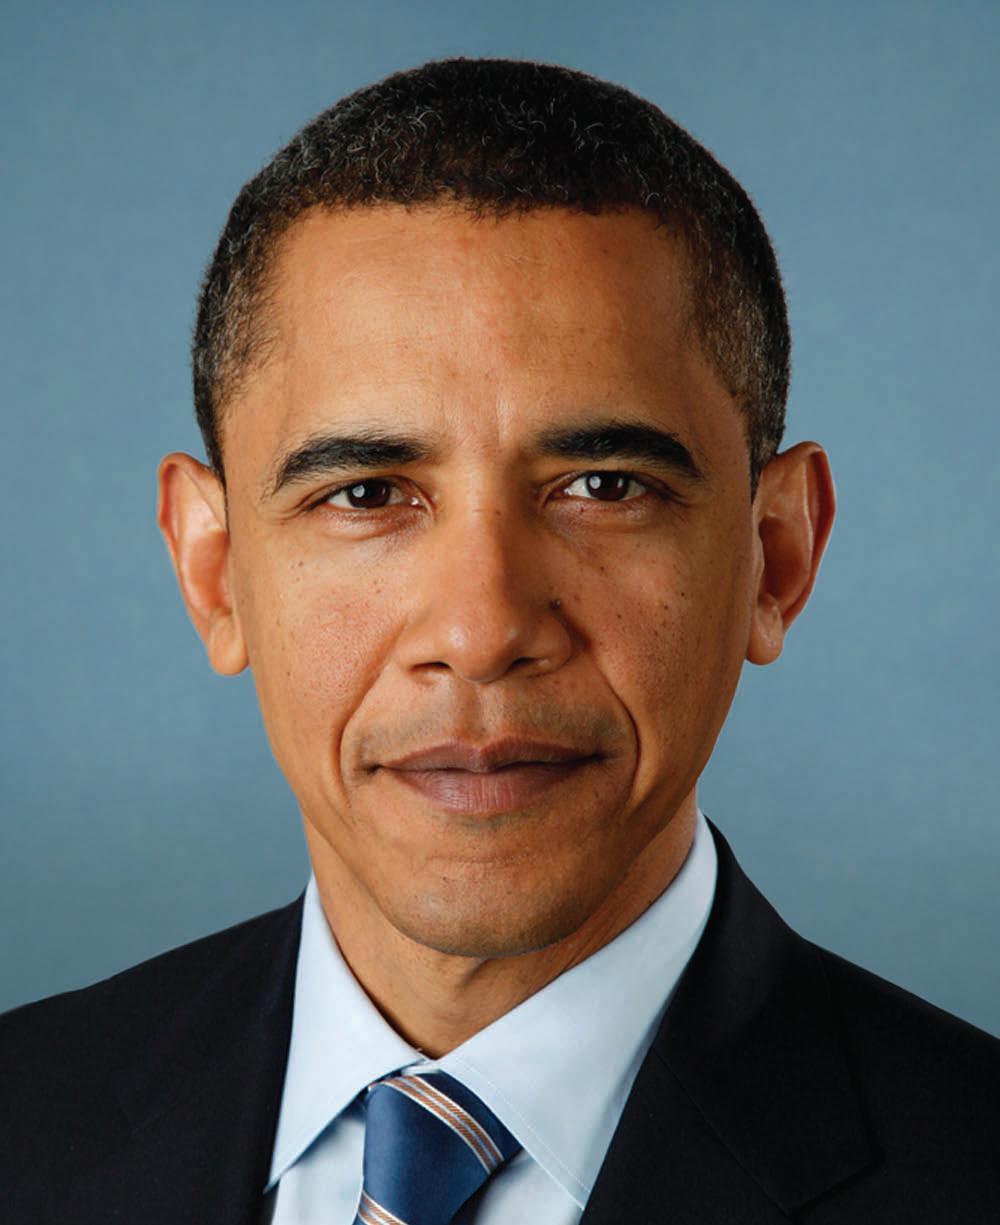 Barack Obama, 44. ABD başkanı tarihte bugün